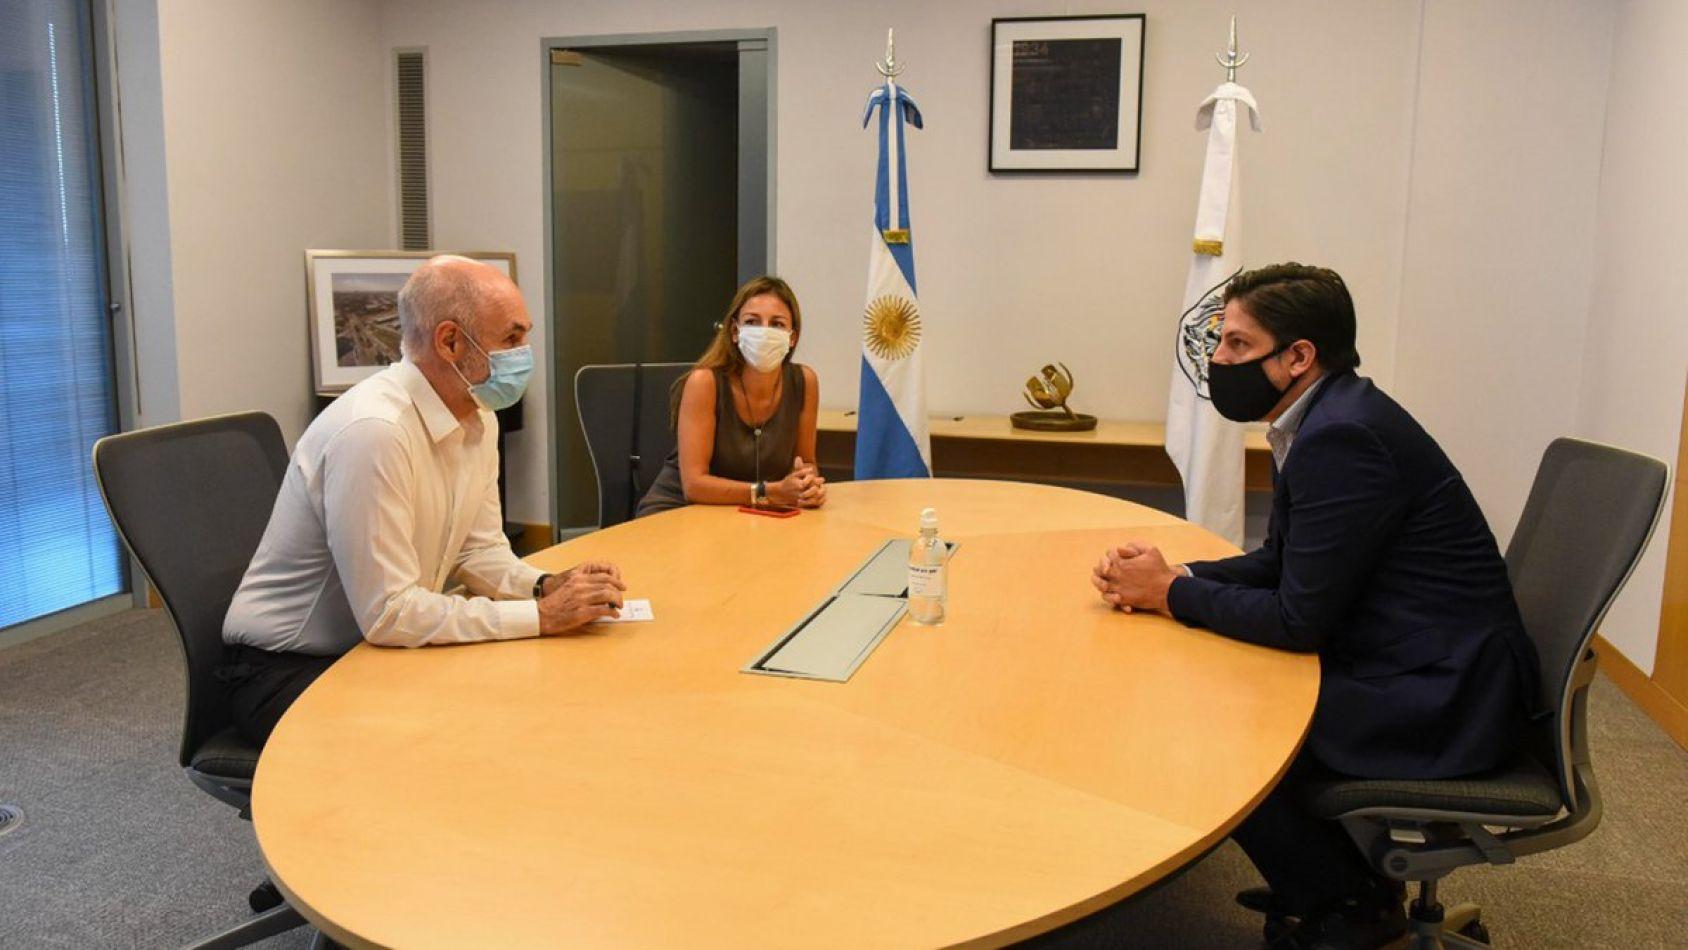 Ahora el Gobierno dice que Rodríguez Larreta debe suspender las clases presenciales por una disposición del Consejo Federal de Educación